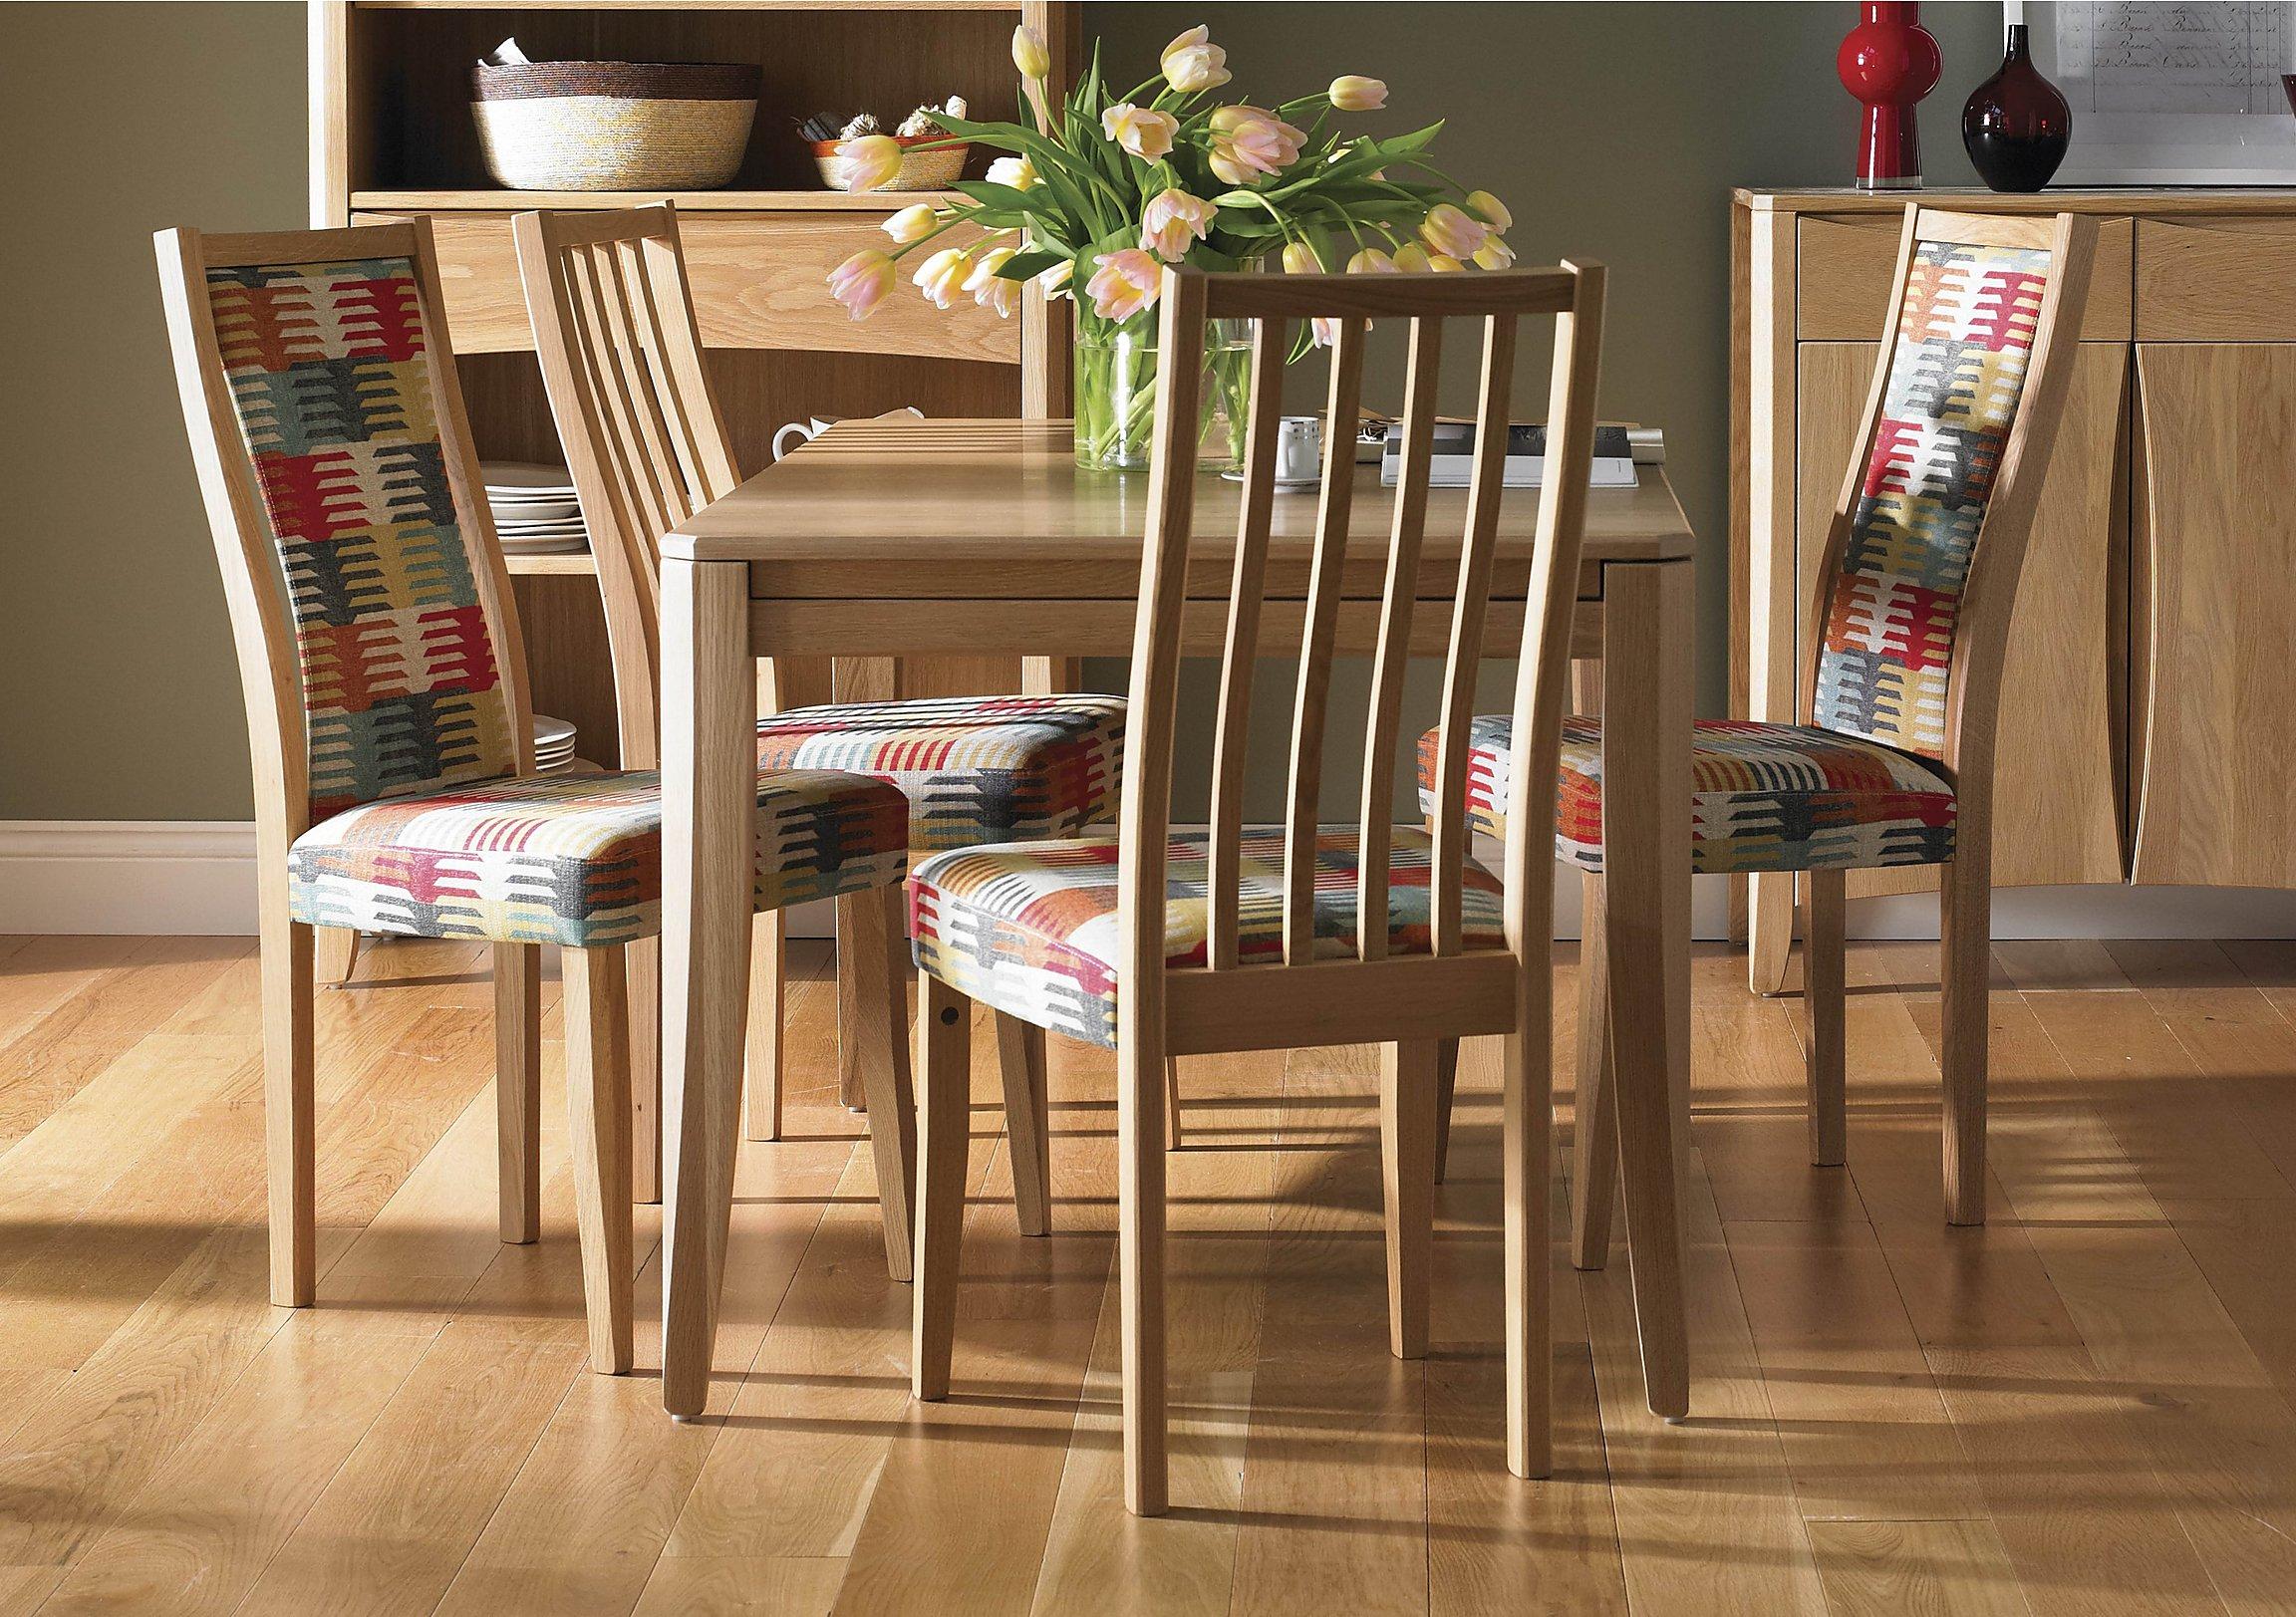 Artisan lamp table ercol furniture village ercol artisan lamp table aloadofball Images